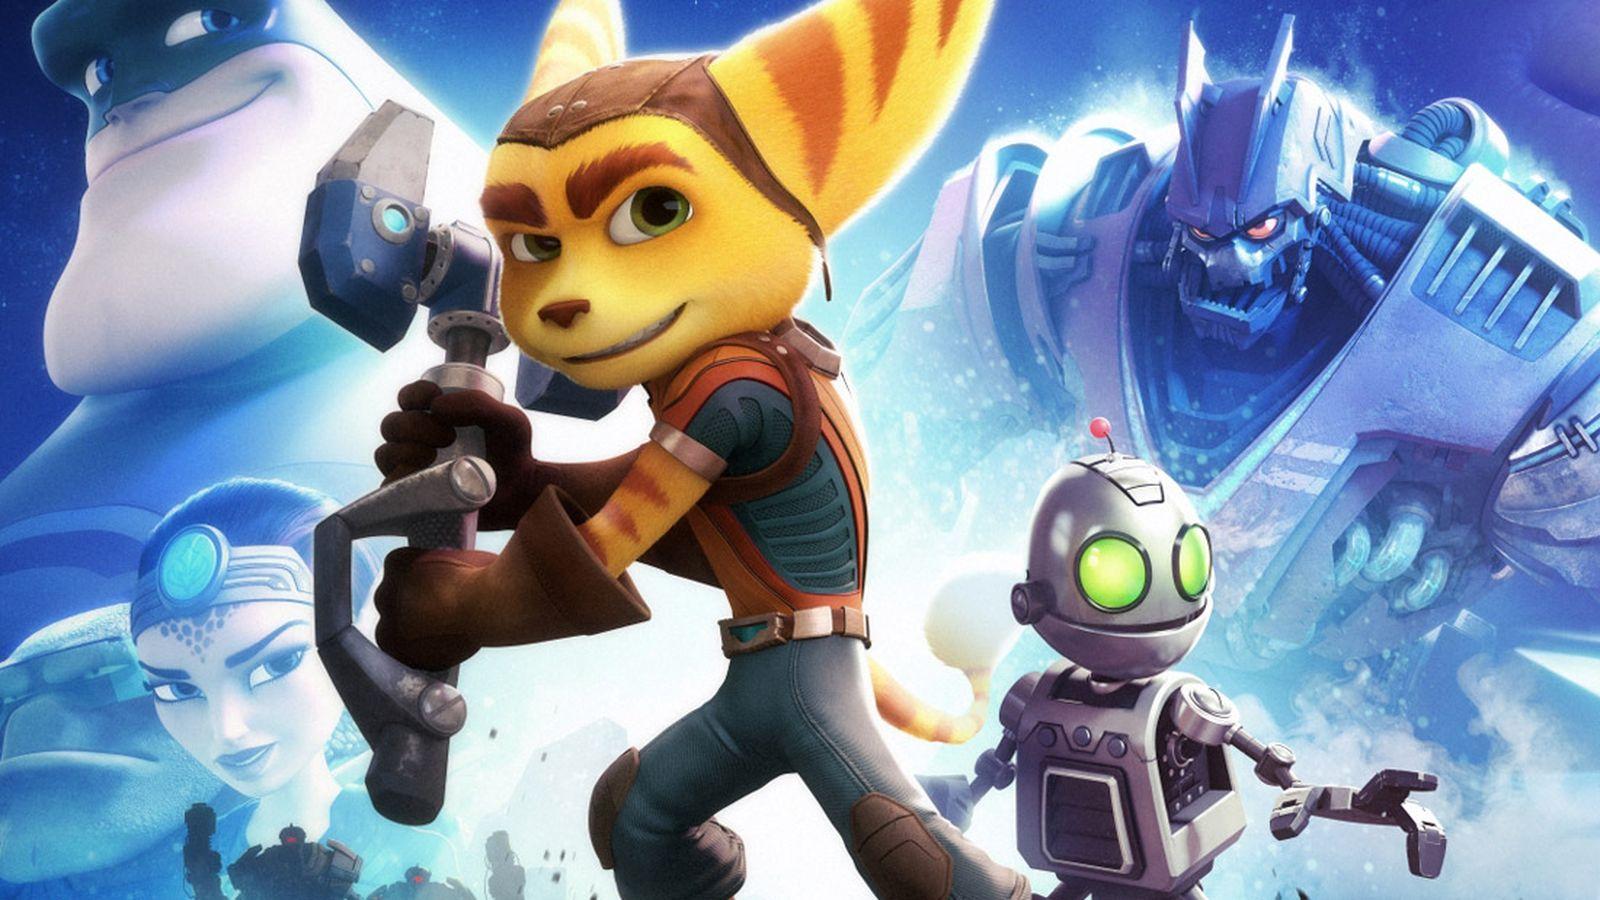 Ratchet & Clank estreia-se na PlayStation 5